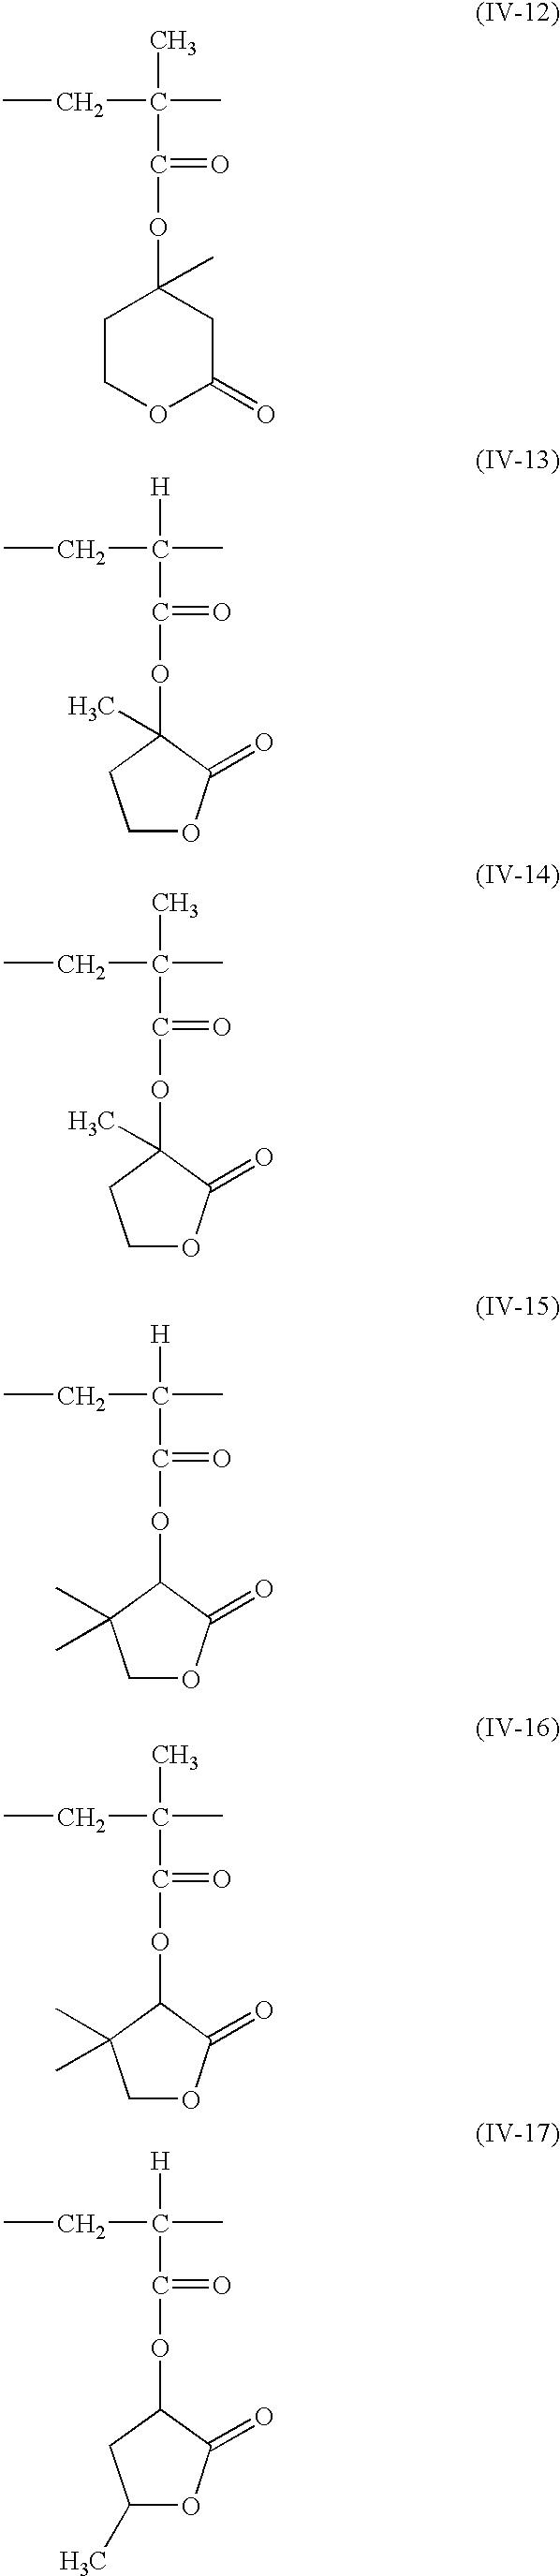 Figure US20030186161A1-20031002-C00092